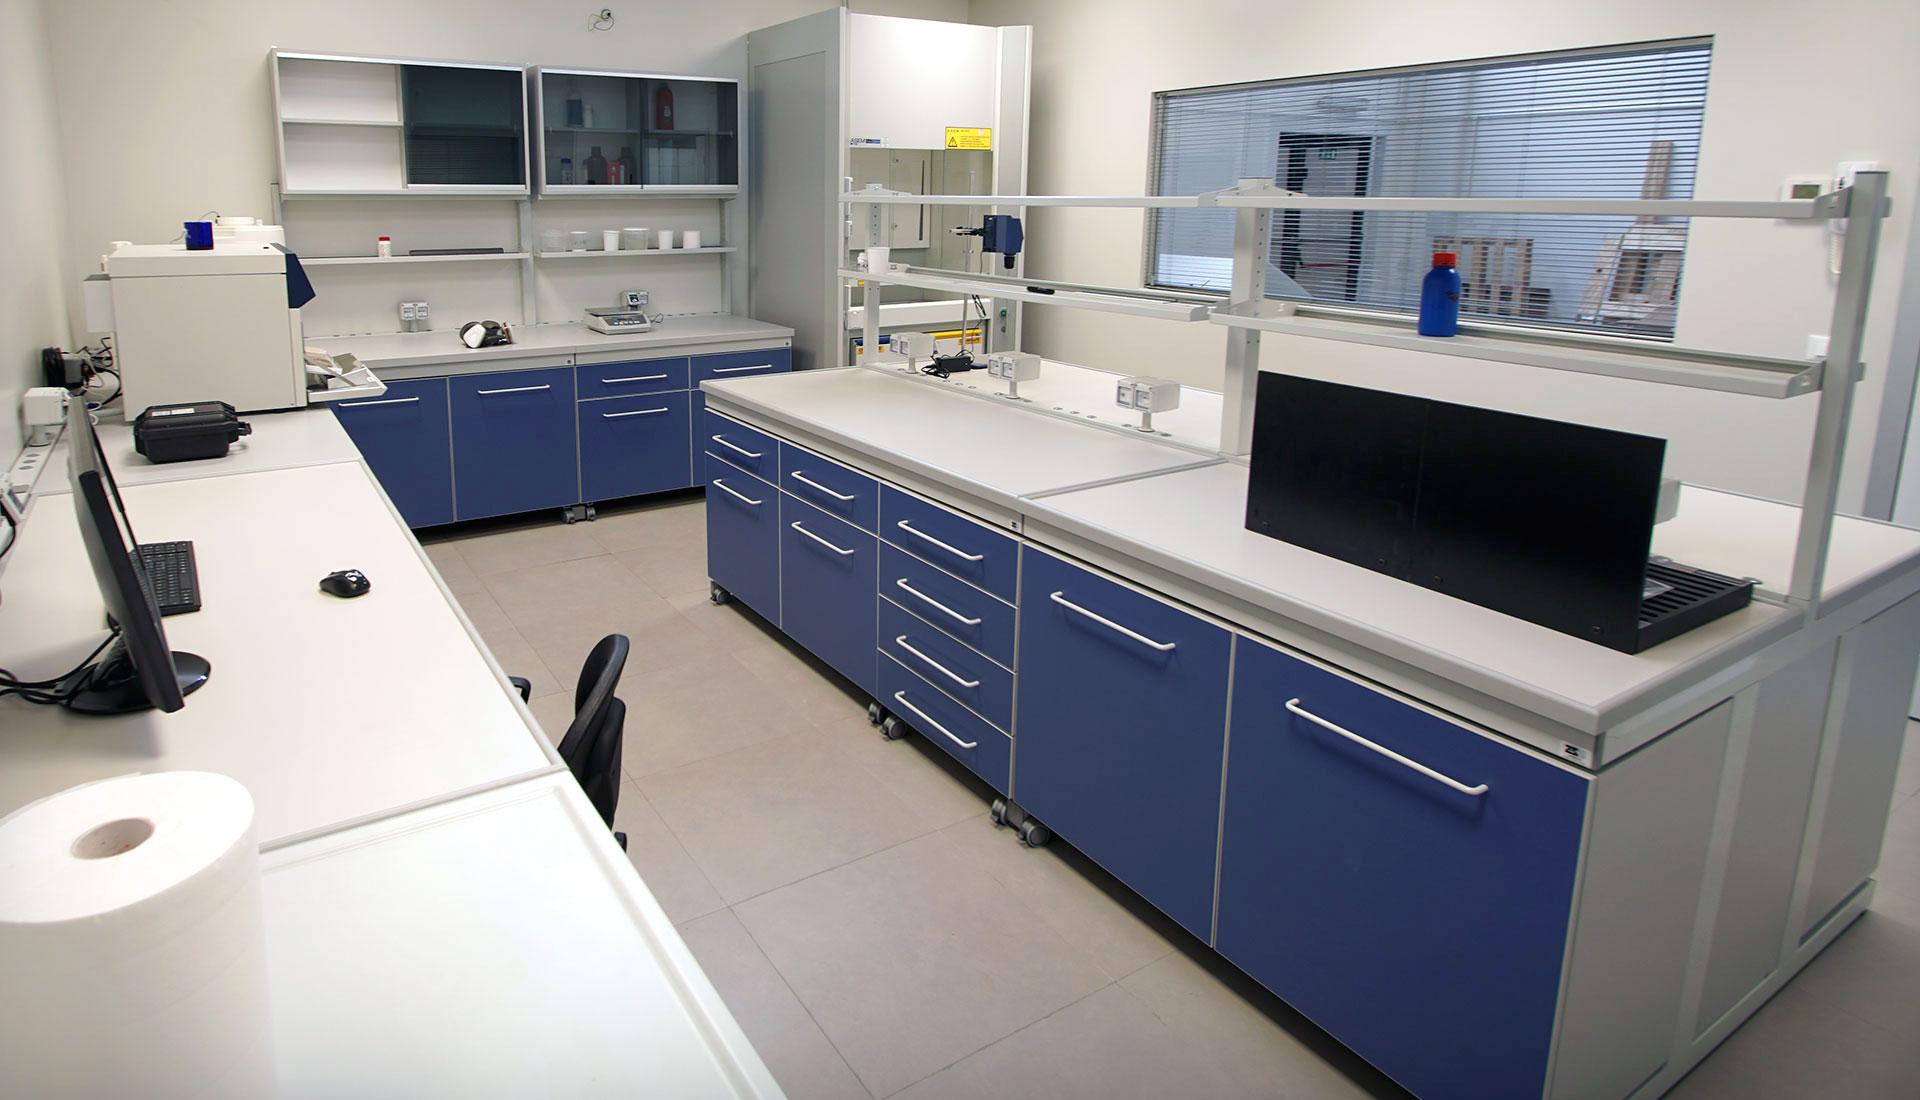 Prodotti per pulizia e protezione delle superfici cpsystem srl